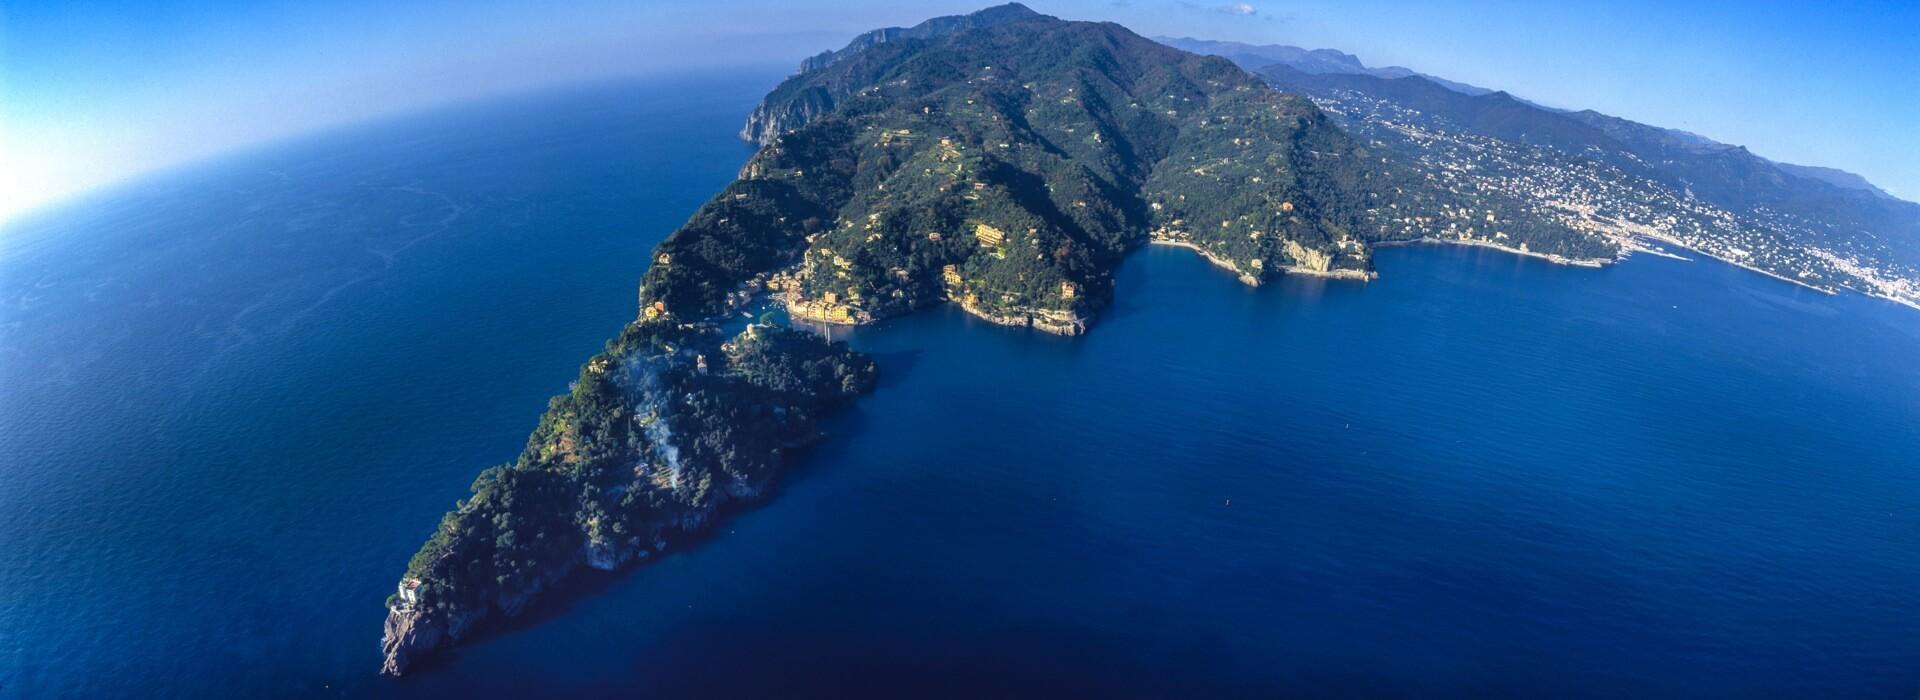 Snorkeling Tour Portofino